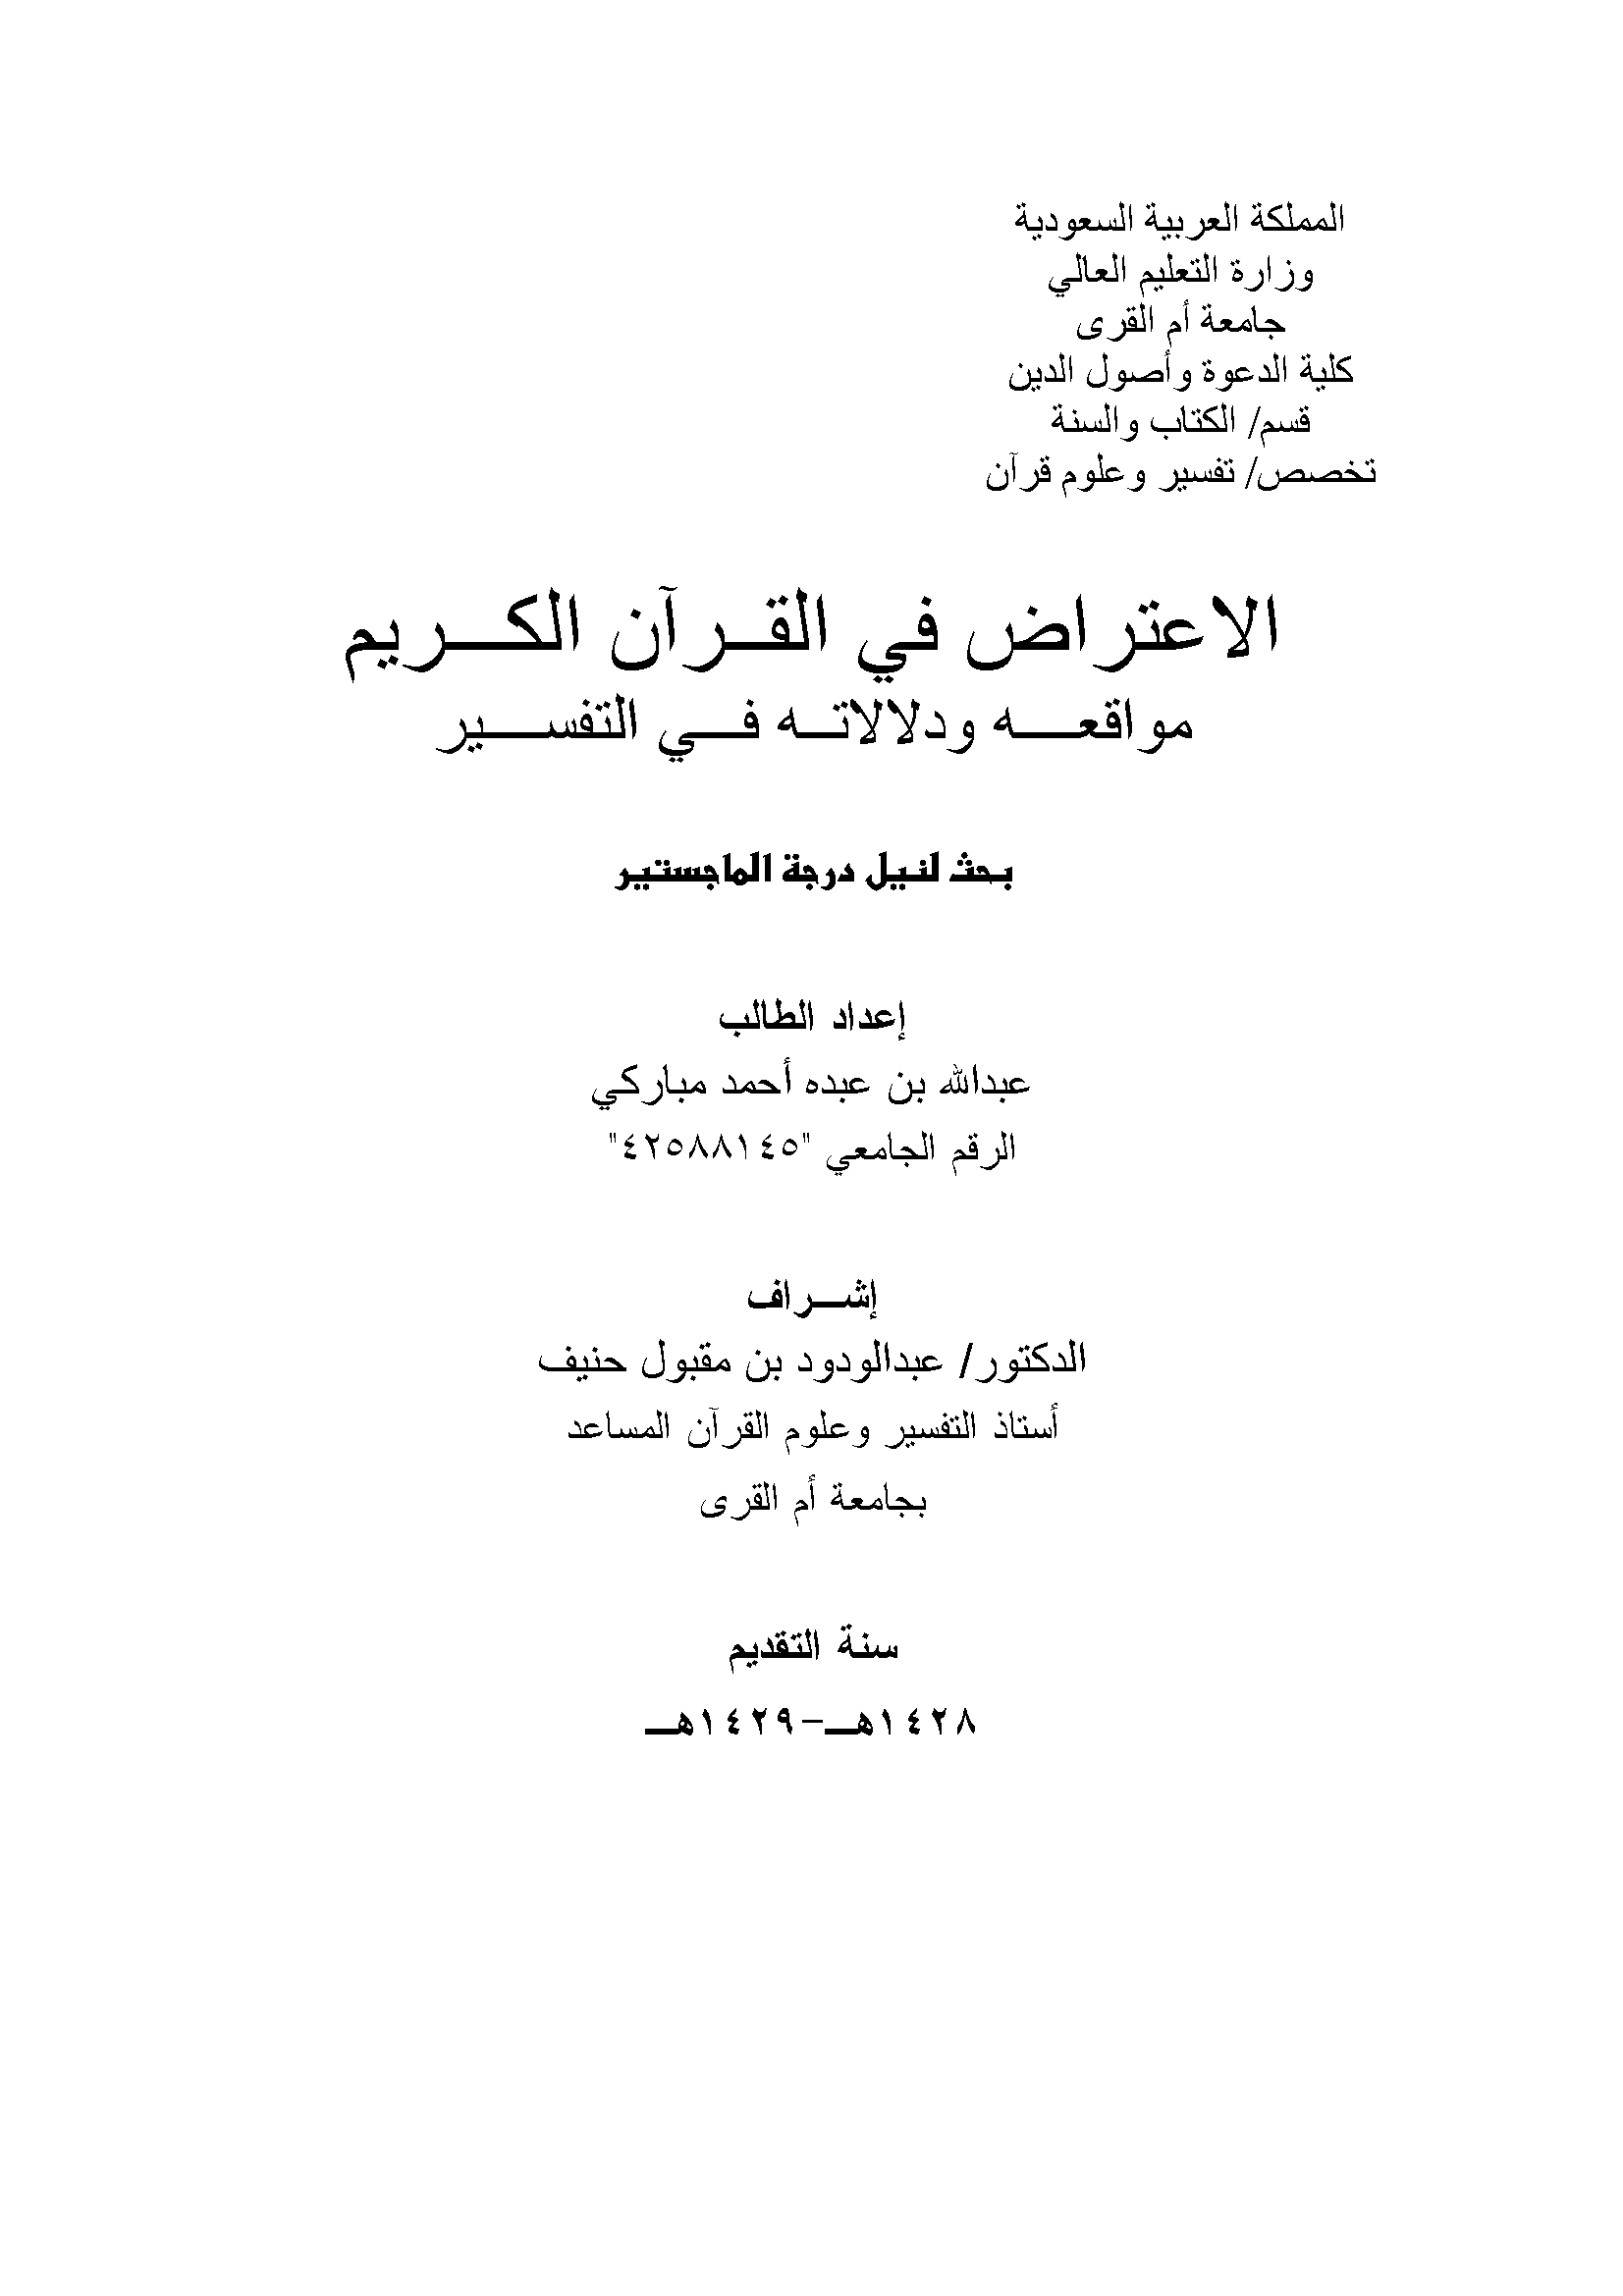 تحميل كتاب الاعتراض في القرآن الكريم (مواقعه ودلالاته في التفسير) لـِ: عبد الله بن عبده أحمد مباركي